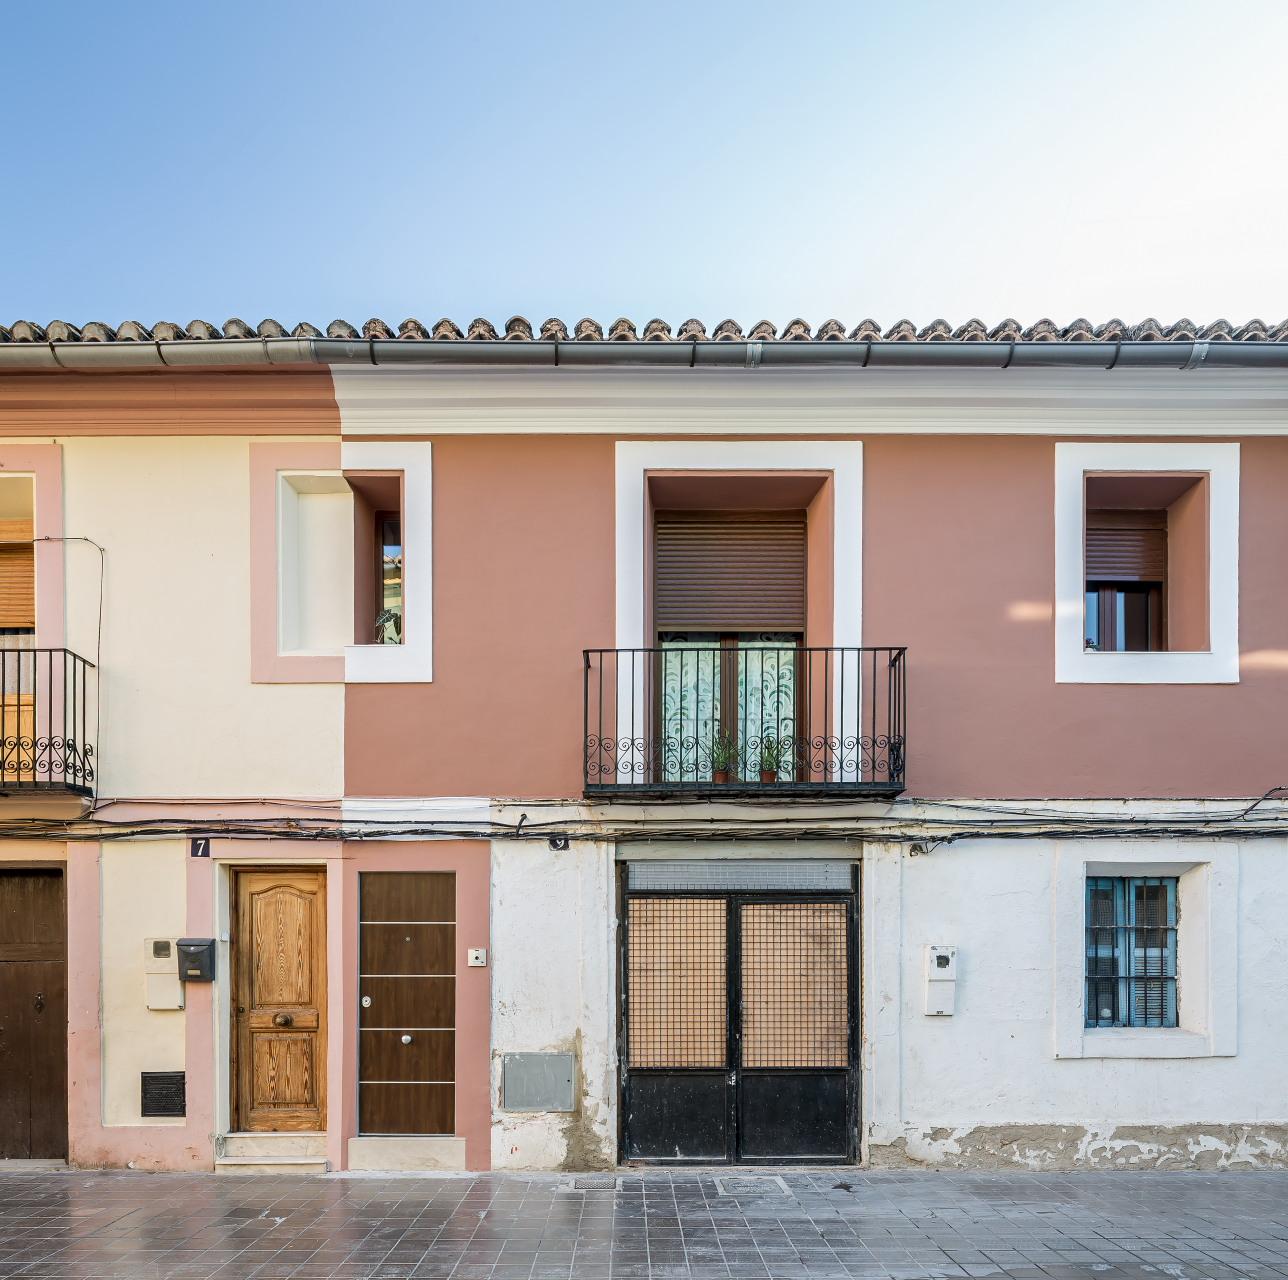 Casa de pueblo en valencia viraje arquitectura fotograf a for Fachadas de casas de pueblo